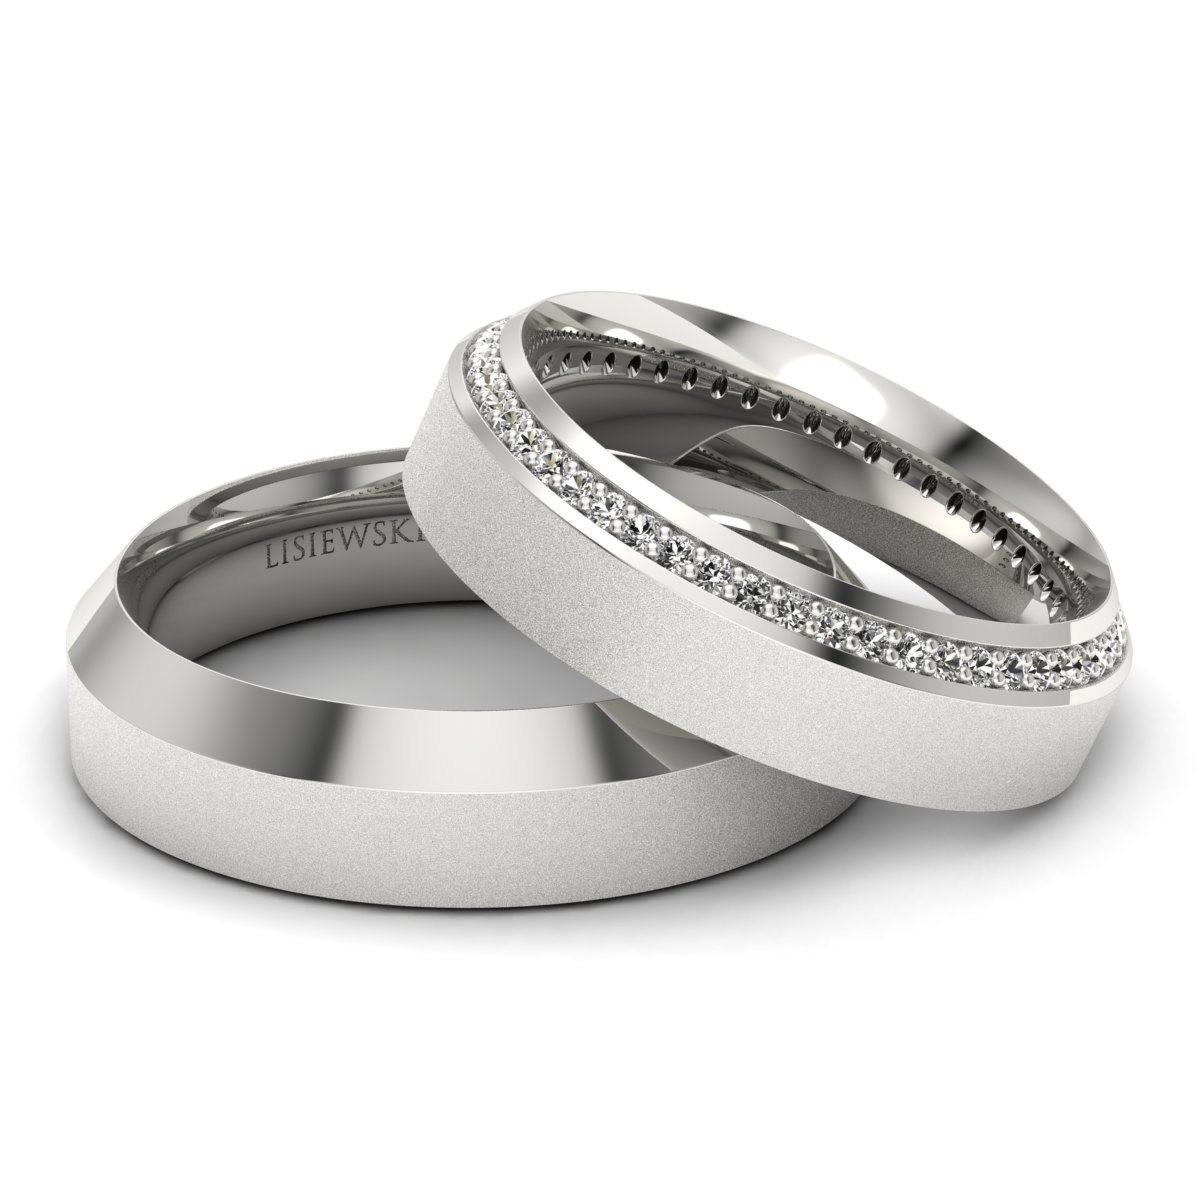 Amore - Obrączki ślubne białe złoto z diamentami